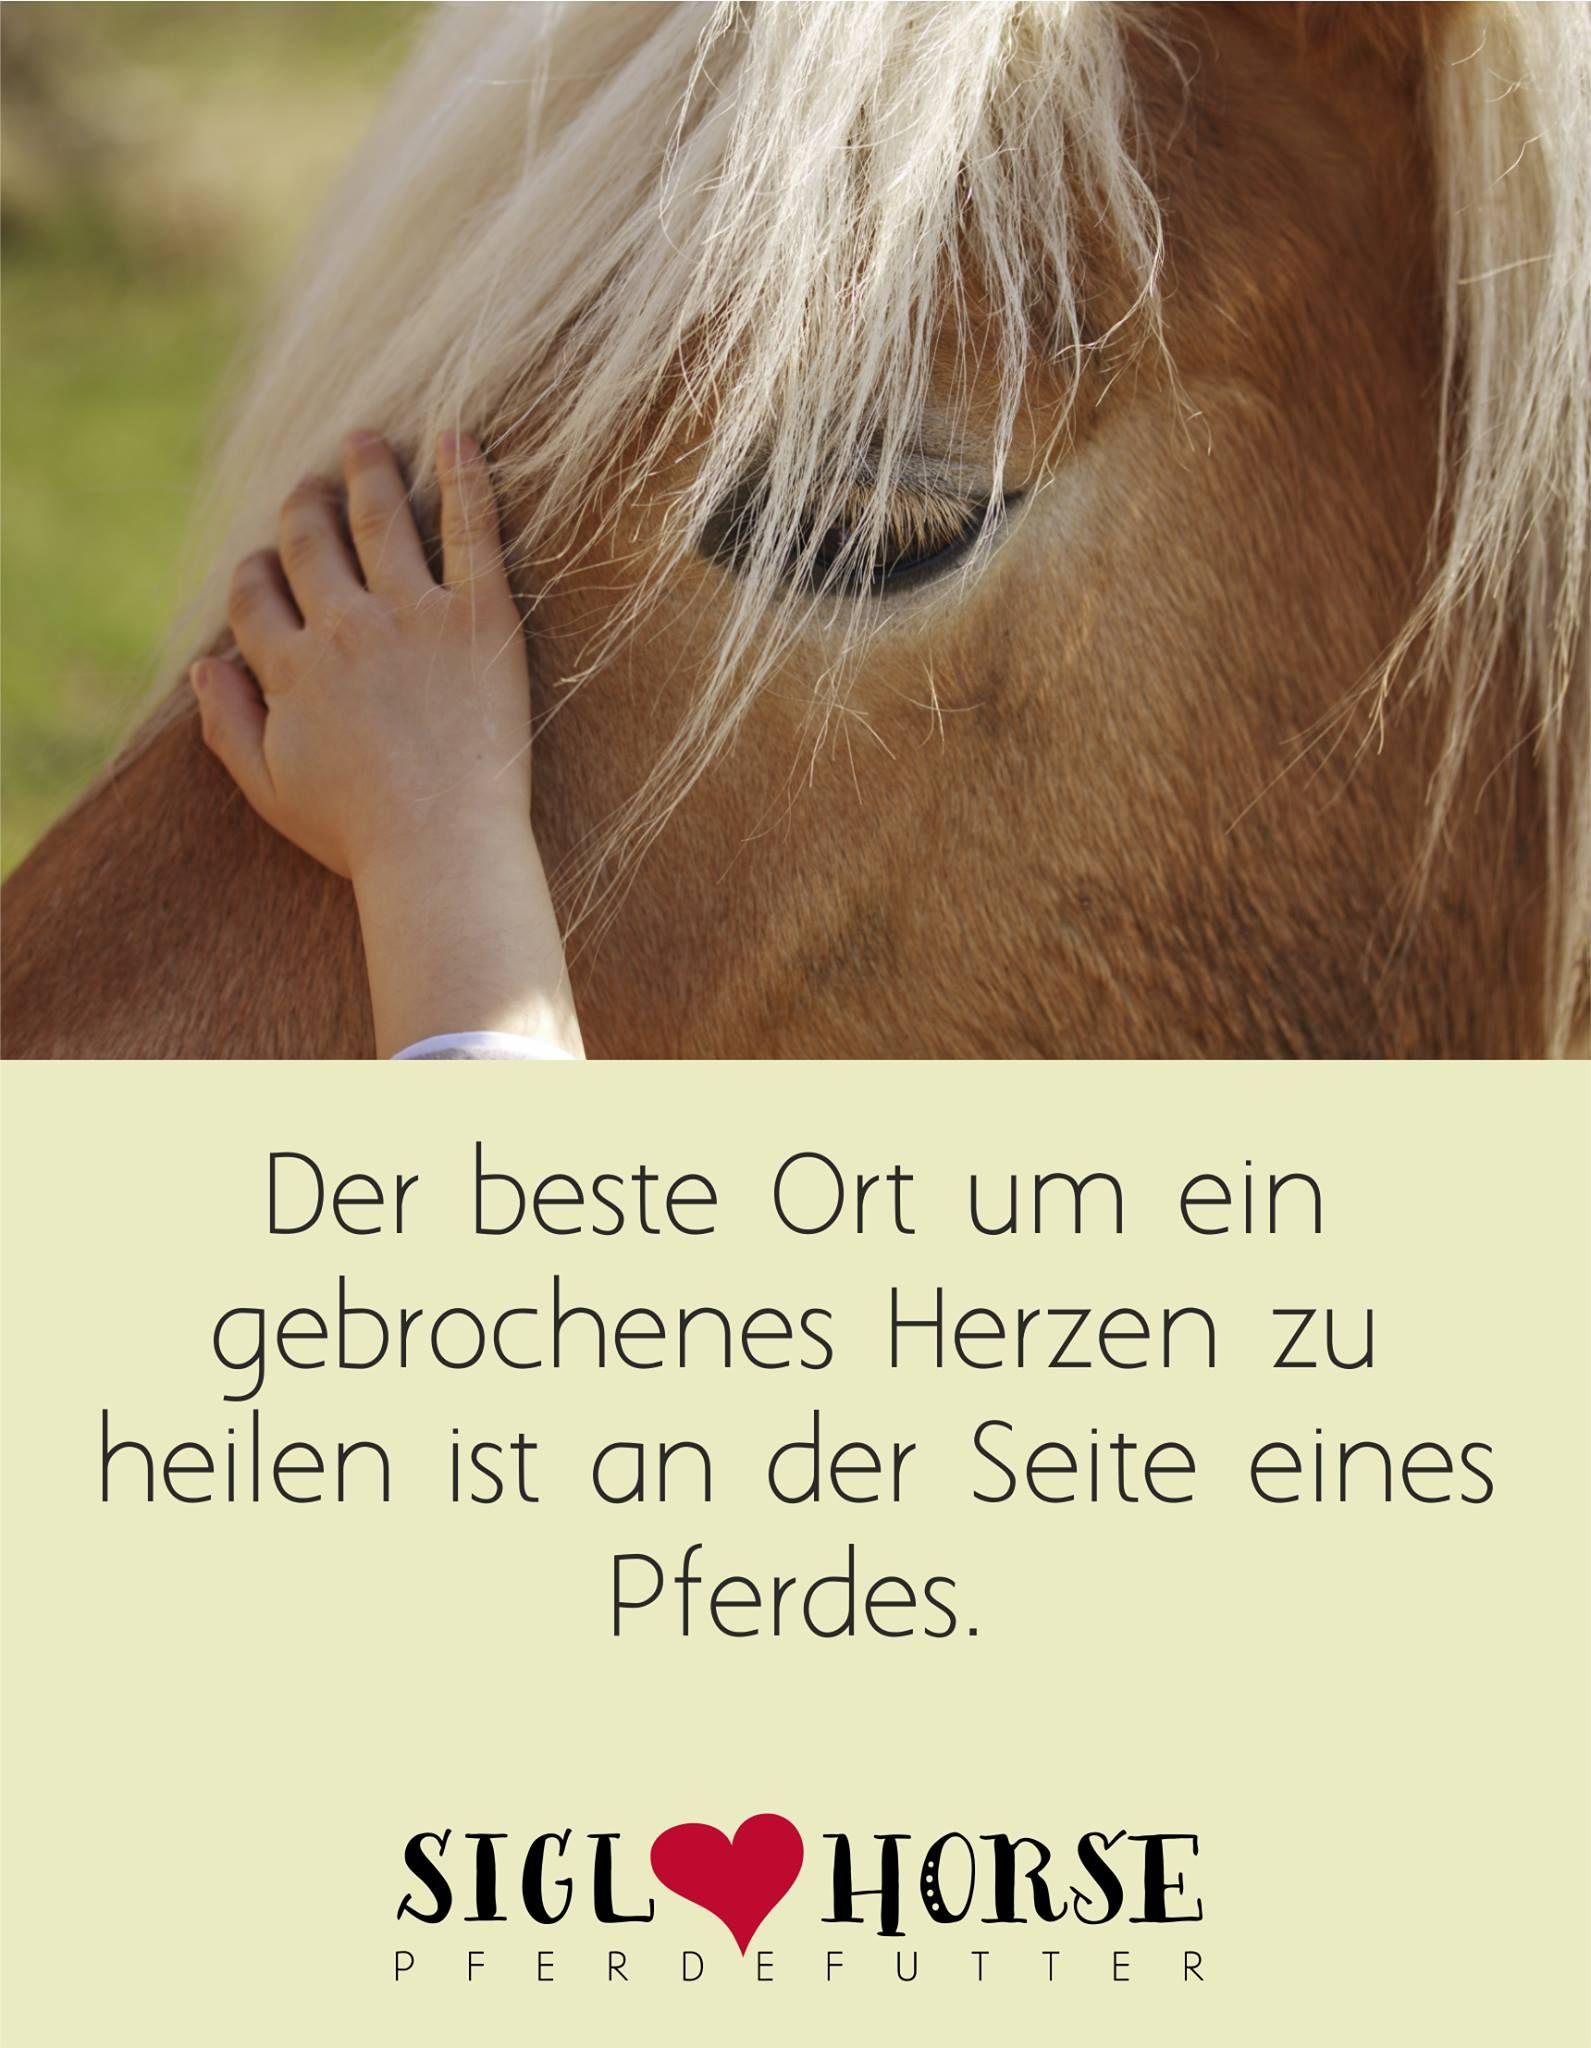 pferde heilen pferde lebensweisheiten pinterest heilen pferde und pferdespr che. Black Bedroom Furniture Sets. Home Design Ideas